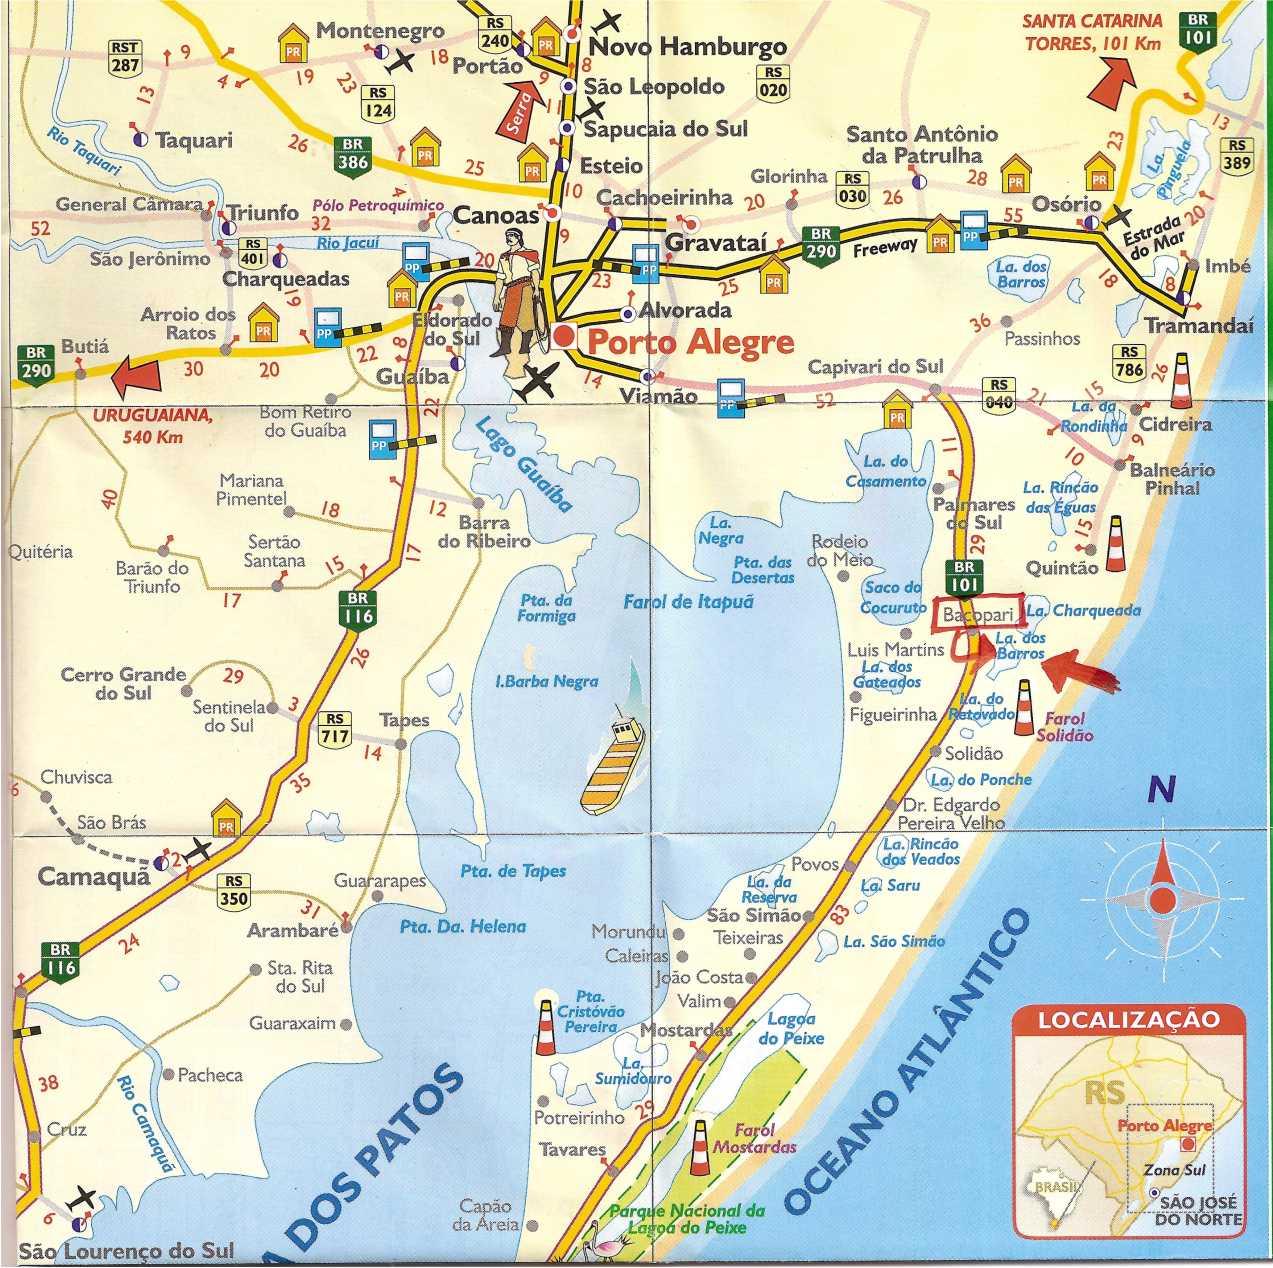 mapa-localizacao-porto-alegre.jpg